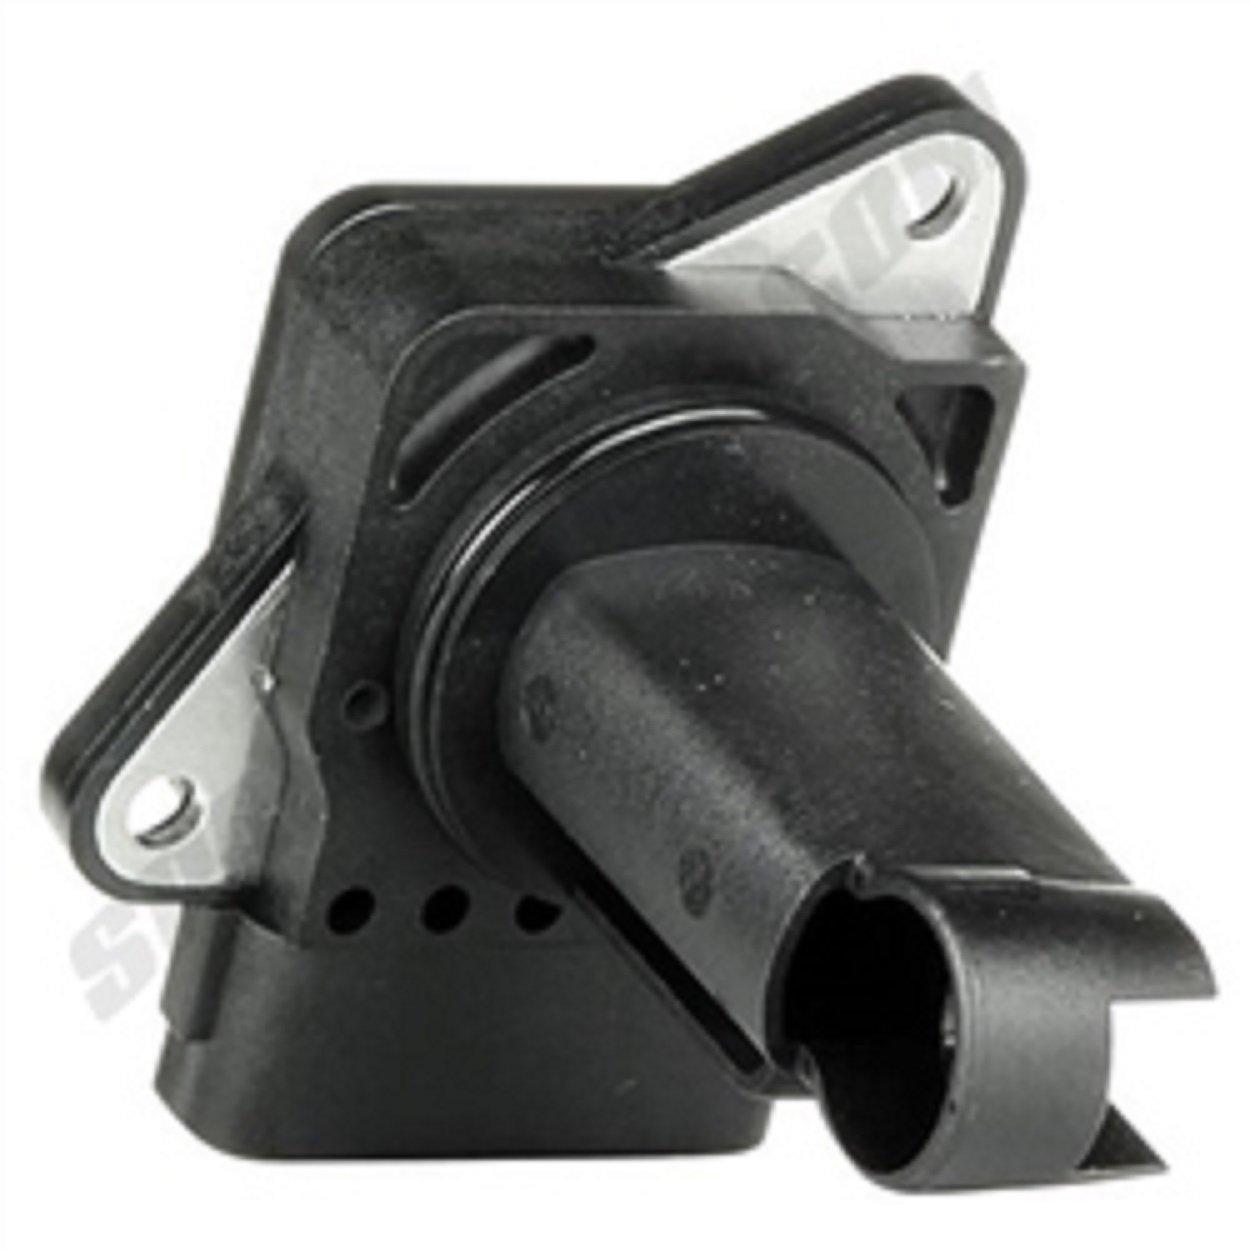 5a6a366cb79 Amazon.com  Denso 197-6040 Mass Air Flow Sensor  Automotive